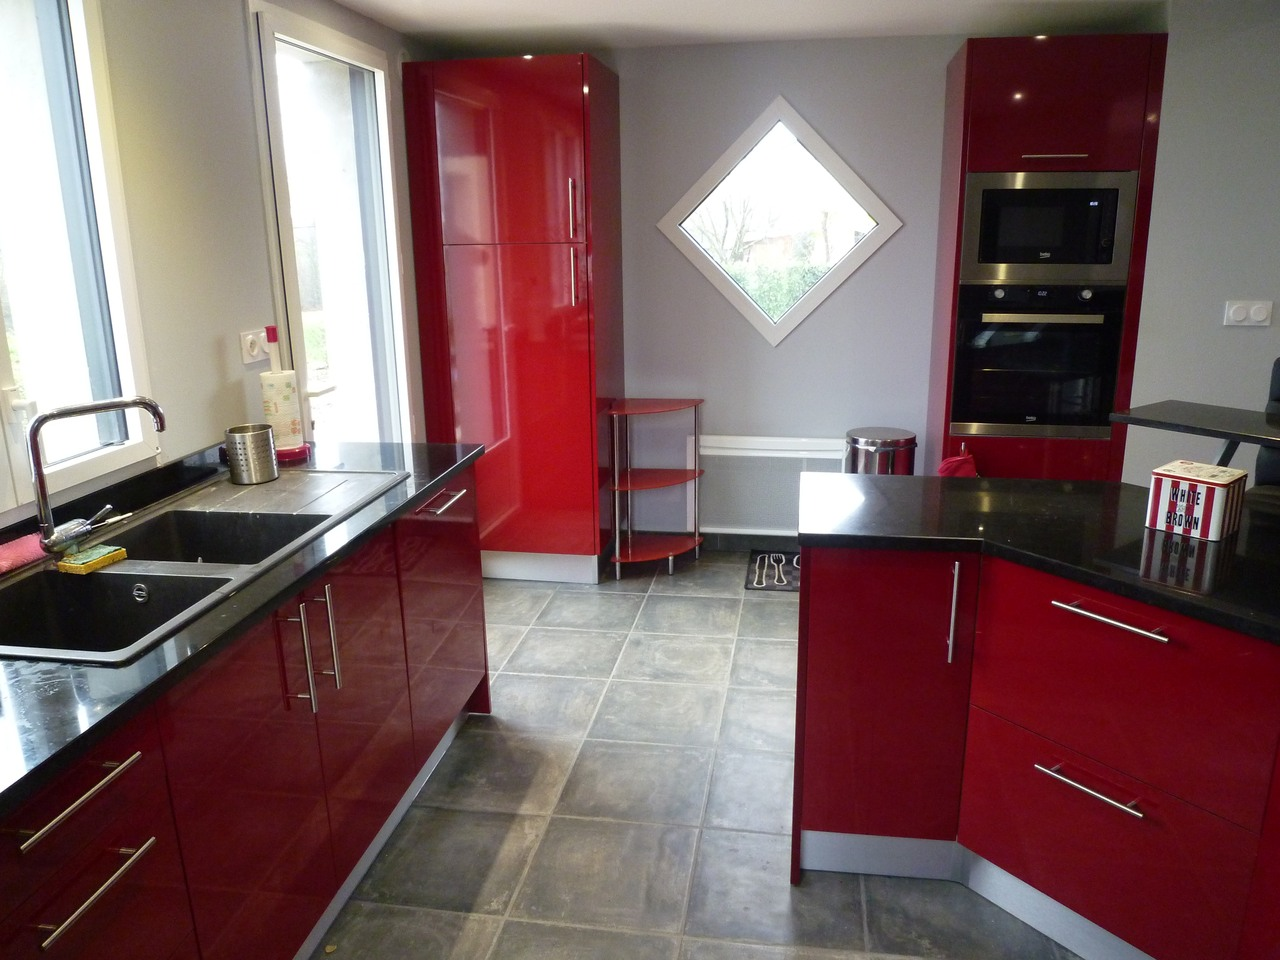 Meuble haut cuisine rouge laqu meuble haut cuisine 1 - Meuble cuisine rouge et gris ...